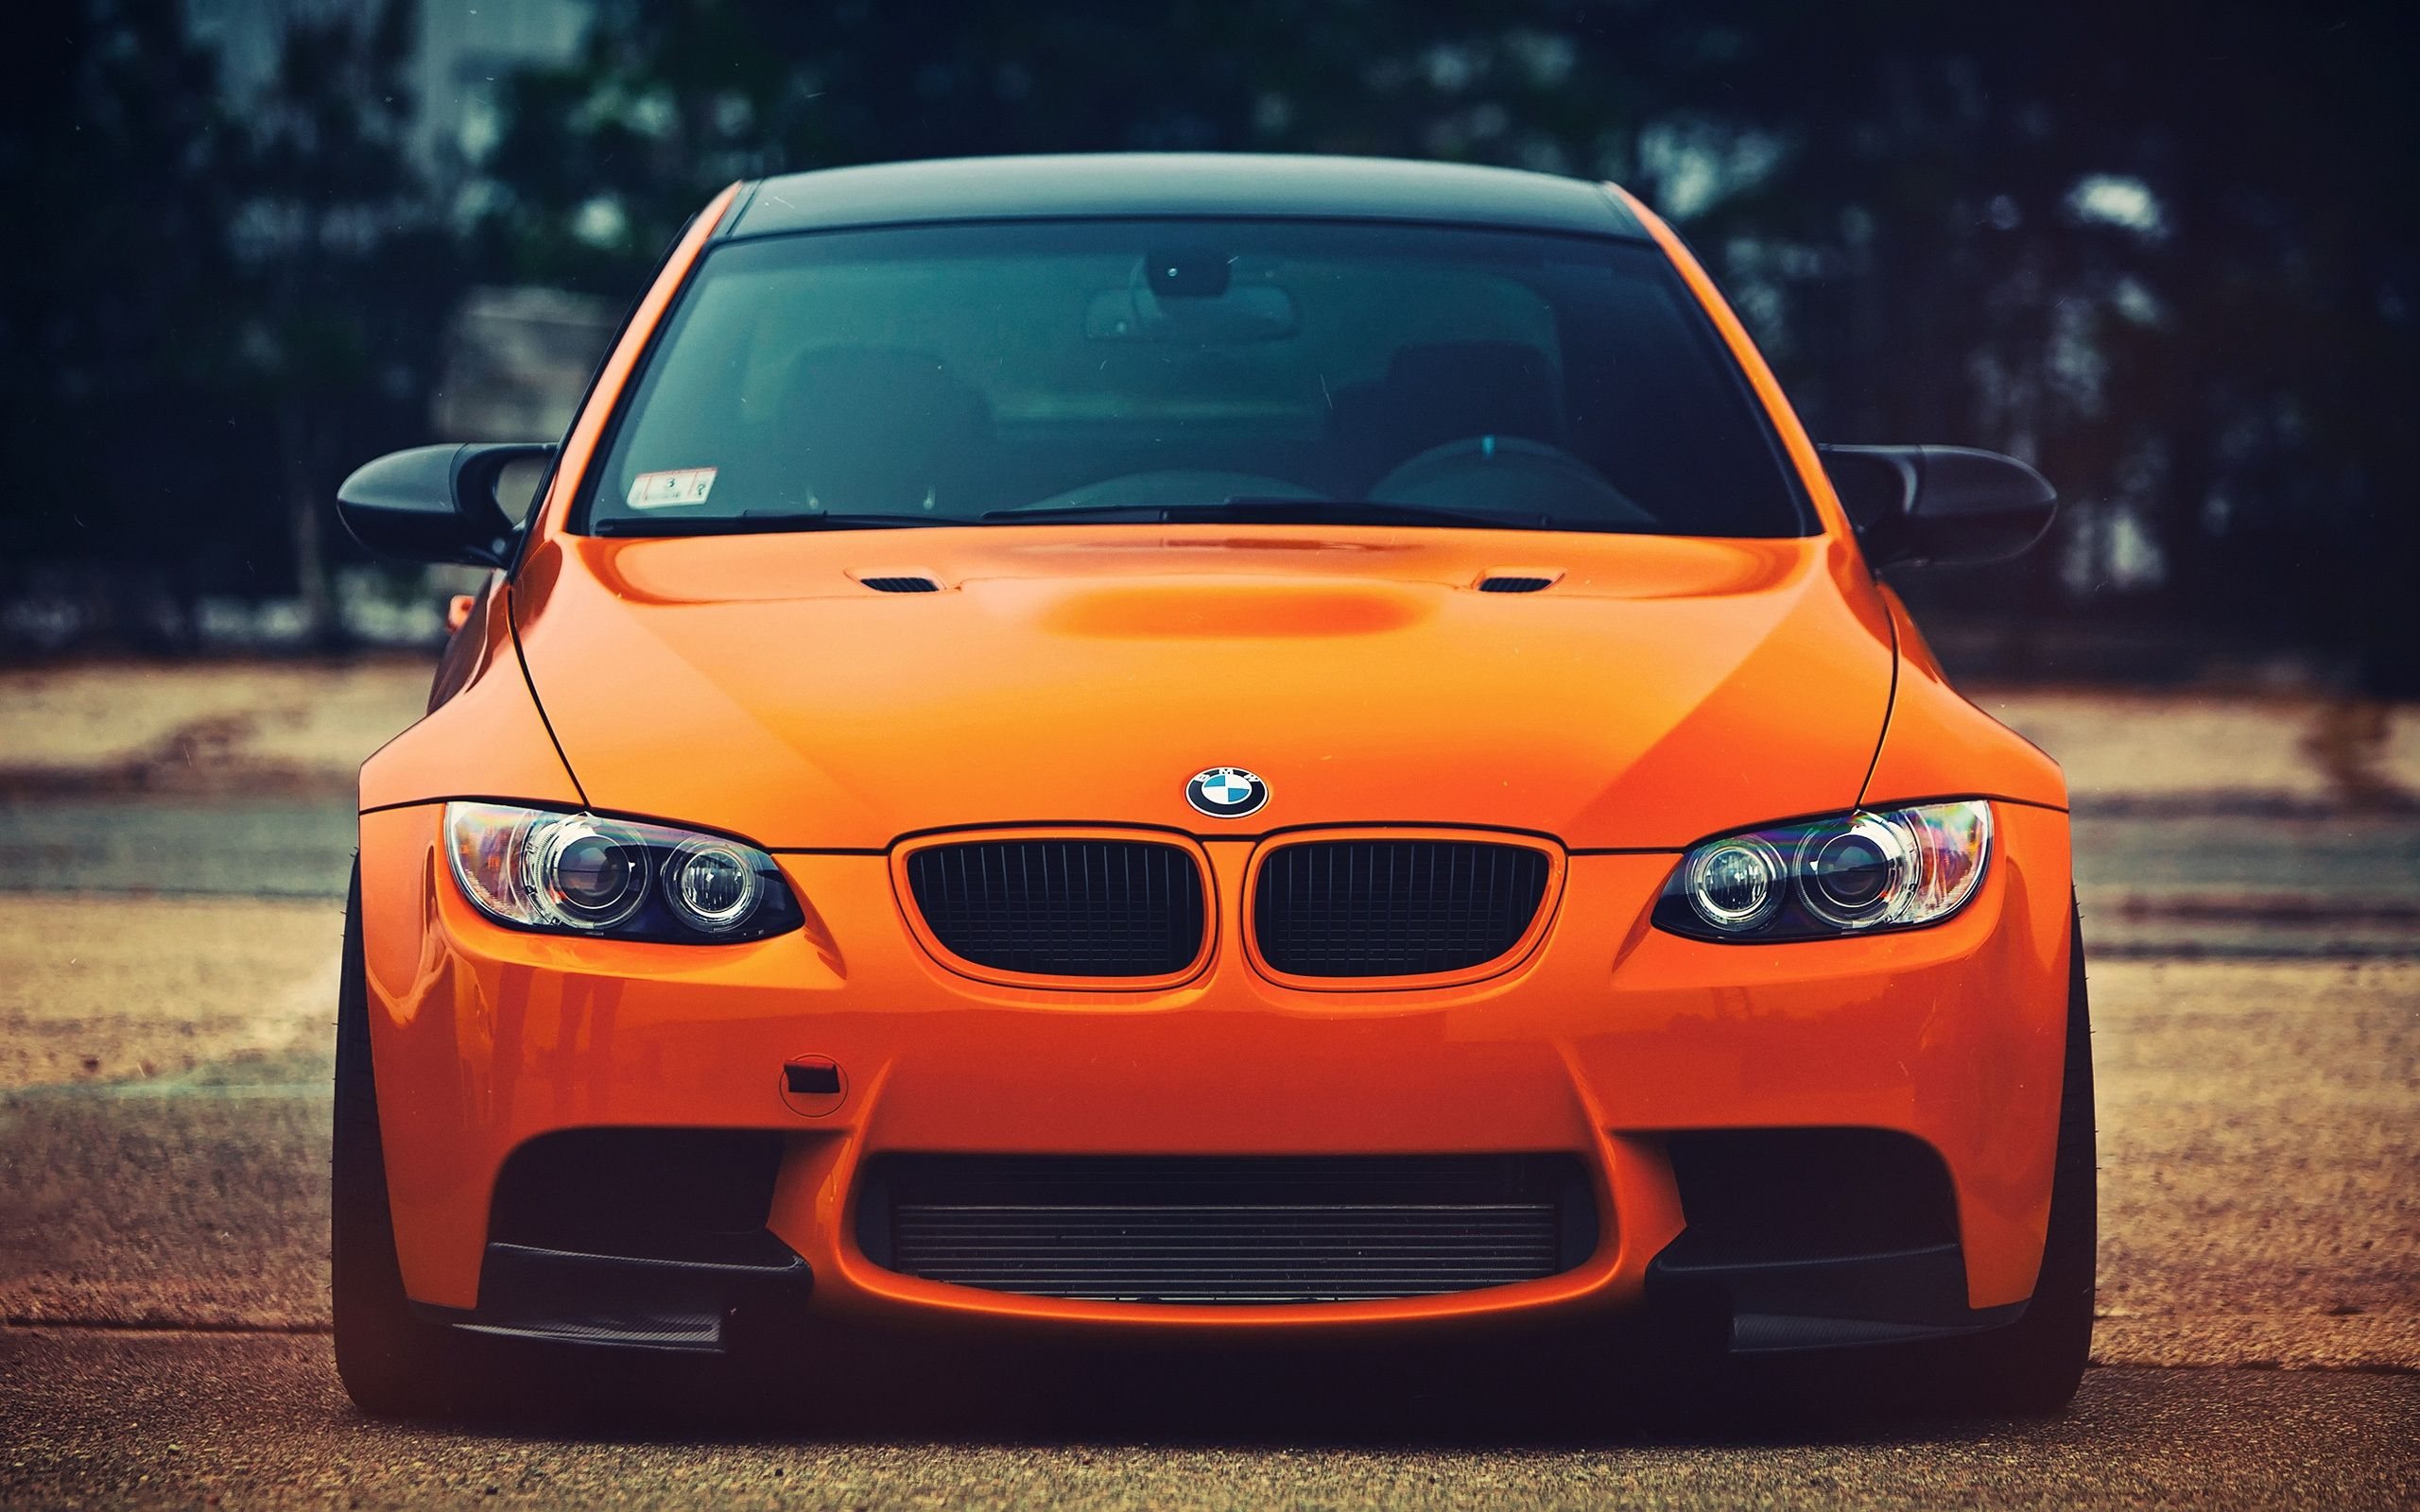 Gmail bmw theme - Bmw M3 Orange Car Front View Wallpapers Hd Desktop Wallpaper